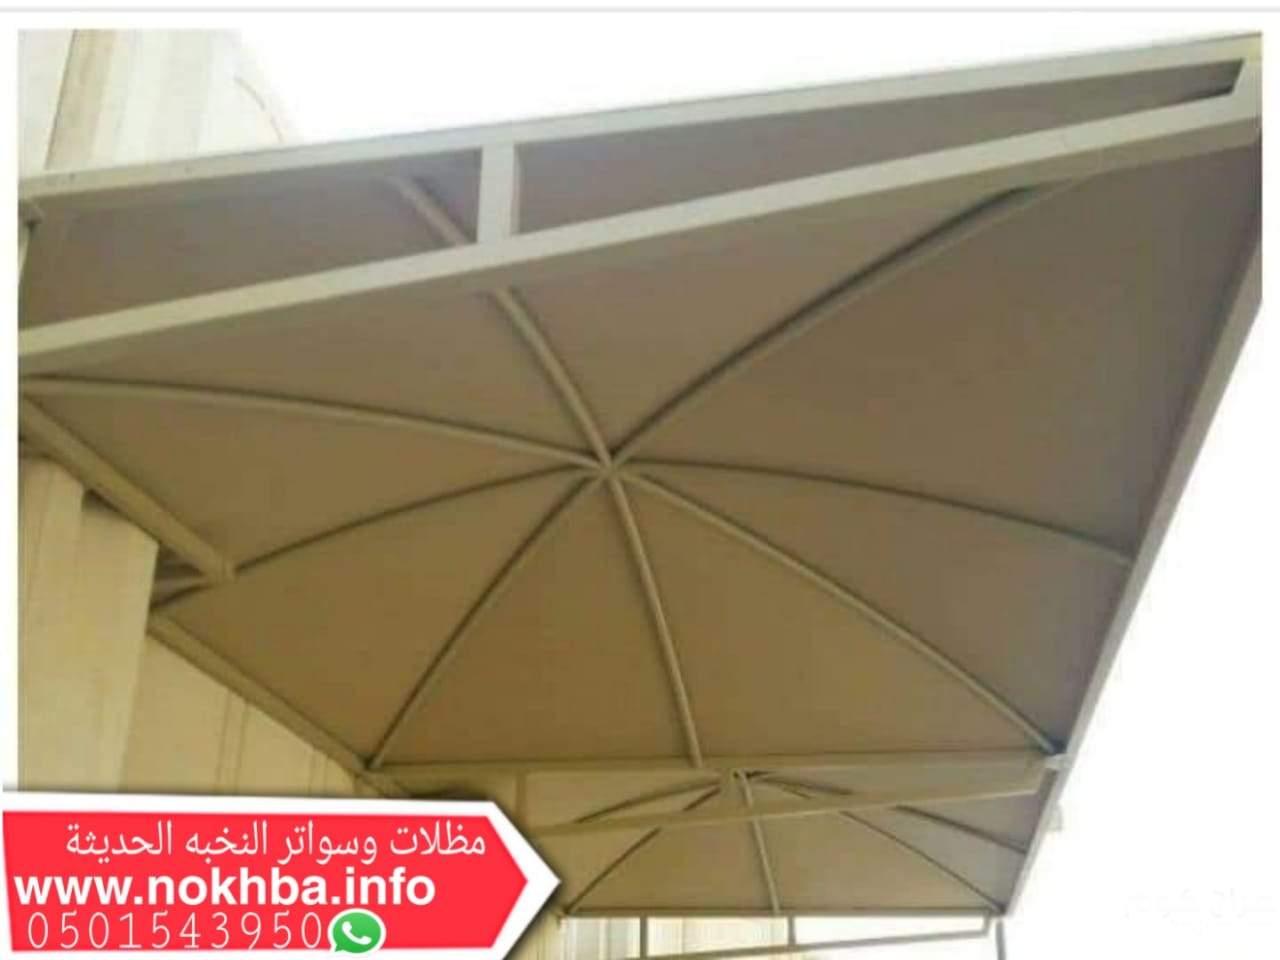 مظلات سيارات , 0501543950 , تركيب مظلات سيارات جدة , أفضل أسعار مظلات السيارات جدة , أشكال مظلات سيارات ,